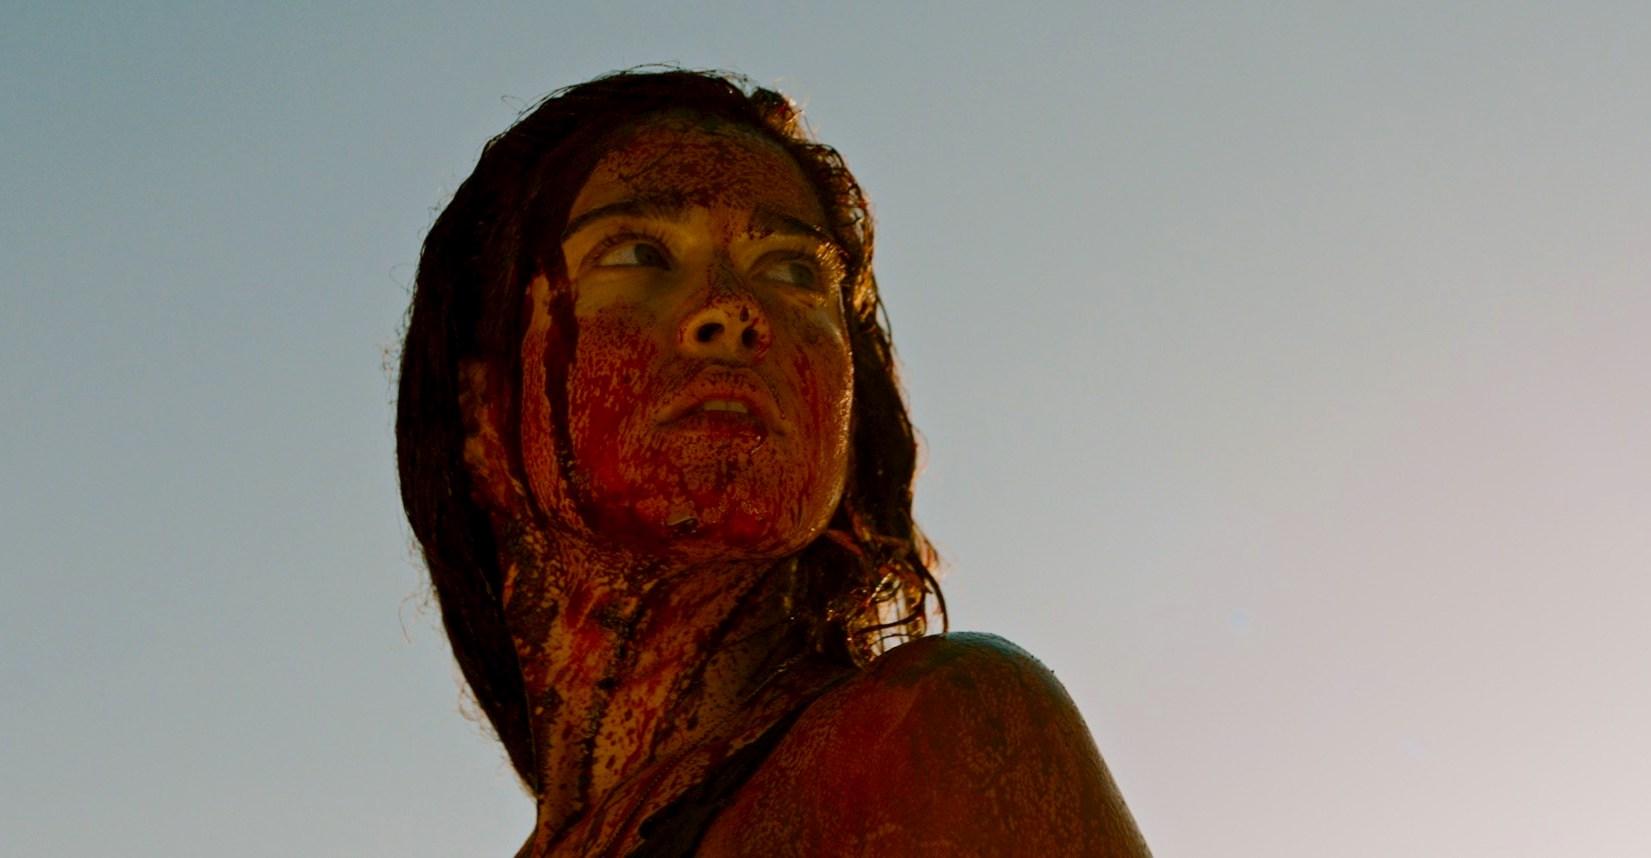 Bloody-Coralie-Fargeat-Revenge